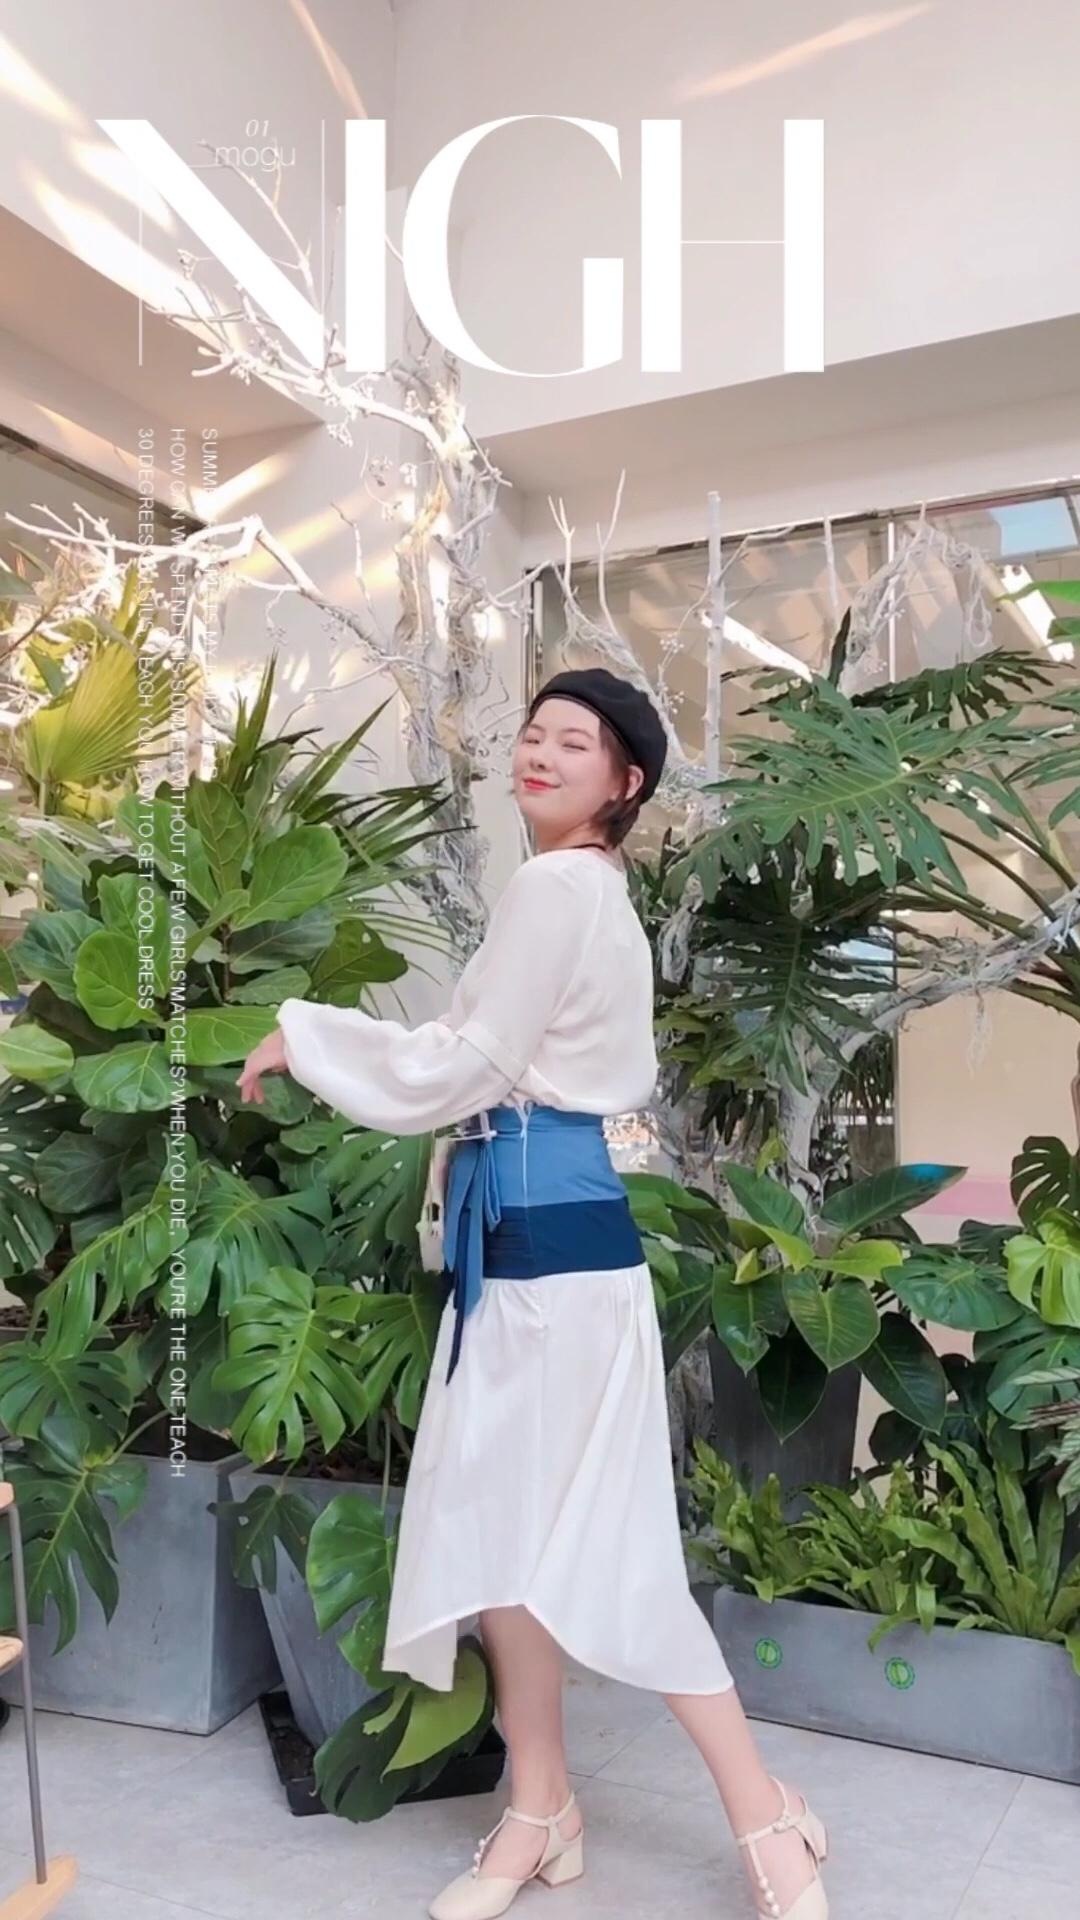 #这条半身裙,专治腿粗~#  早秋清新穿搭 米白色的缎面衬衫搭配蓝色腰边的连衣裙 既不单调又大气时尚